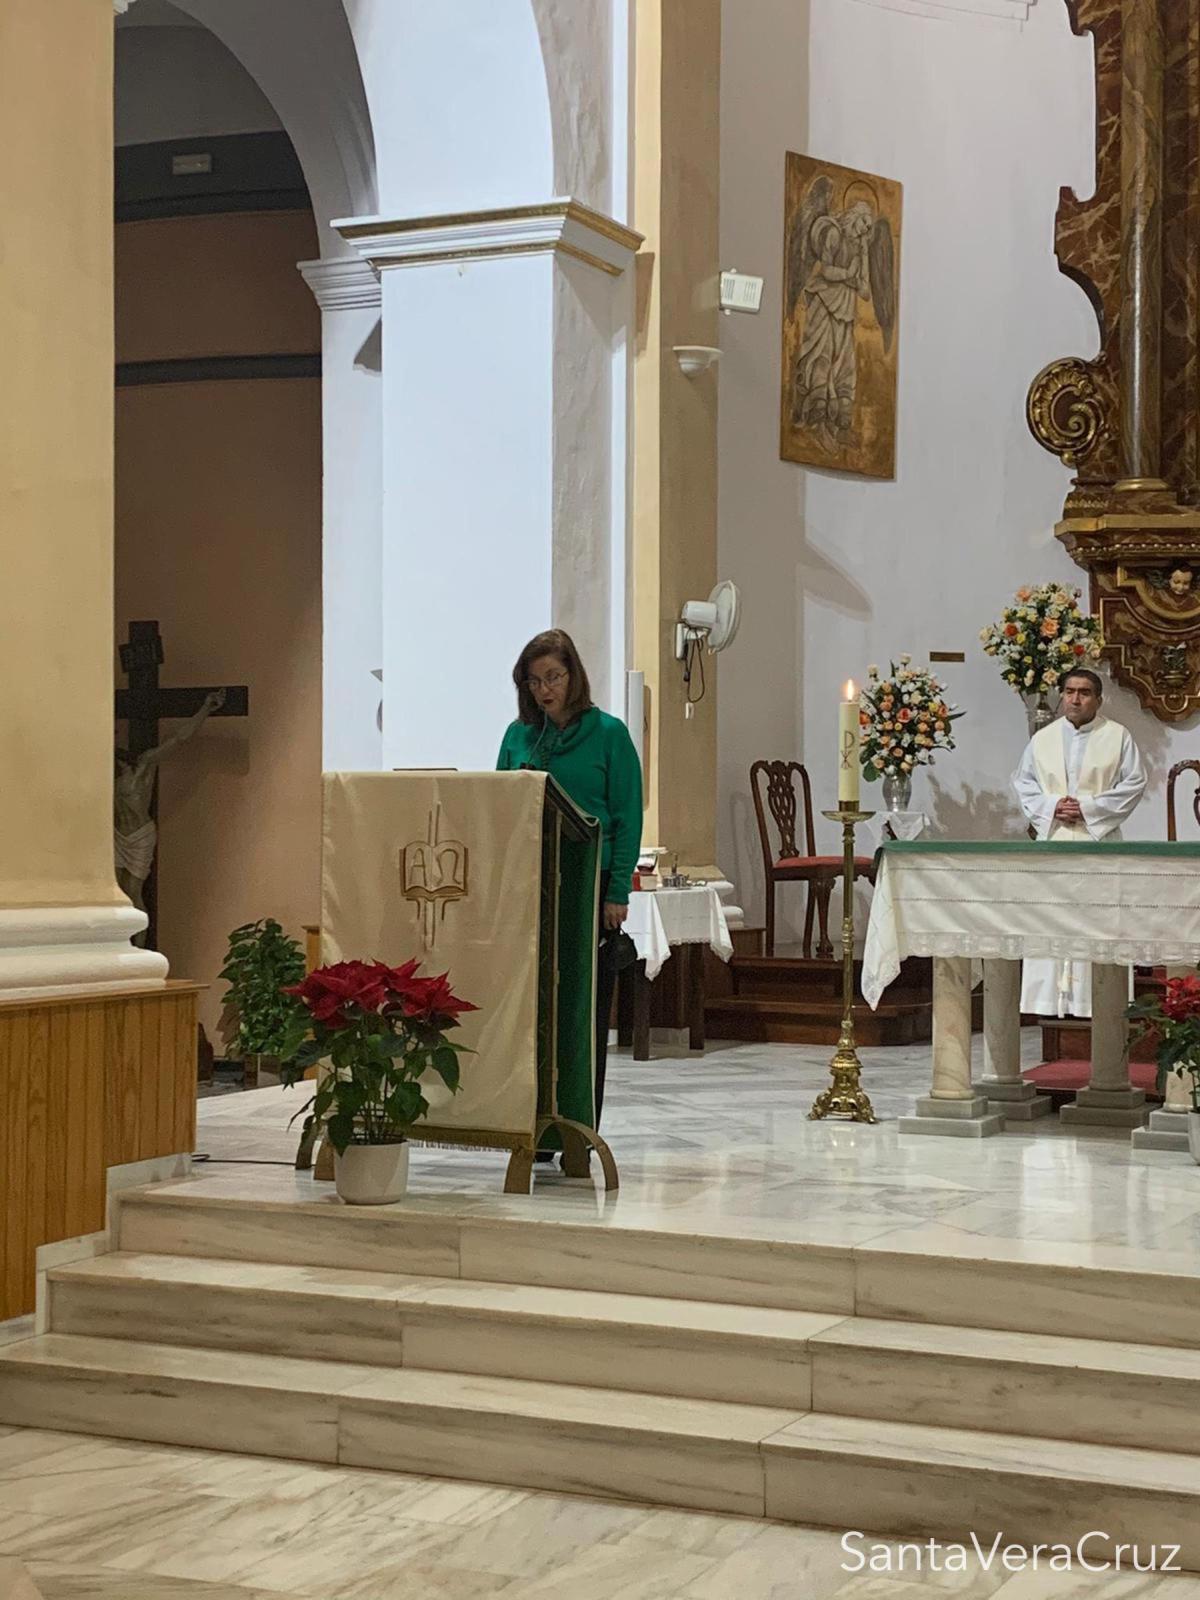 Candelaria. Festividad de la Presentación de Nuestro Señor en el Templo y Purificación de la Virgen María.